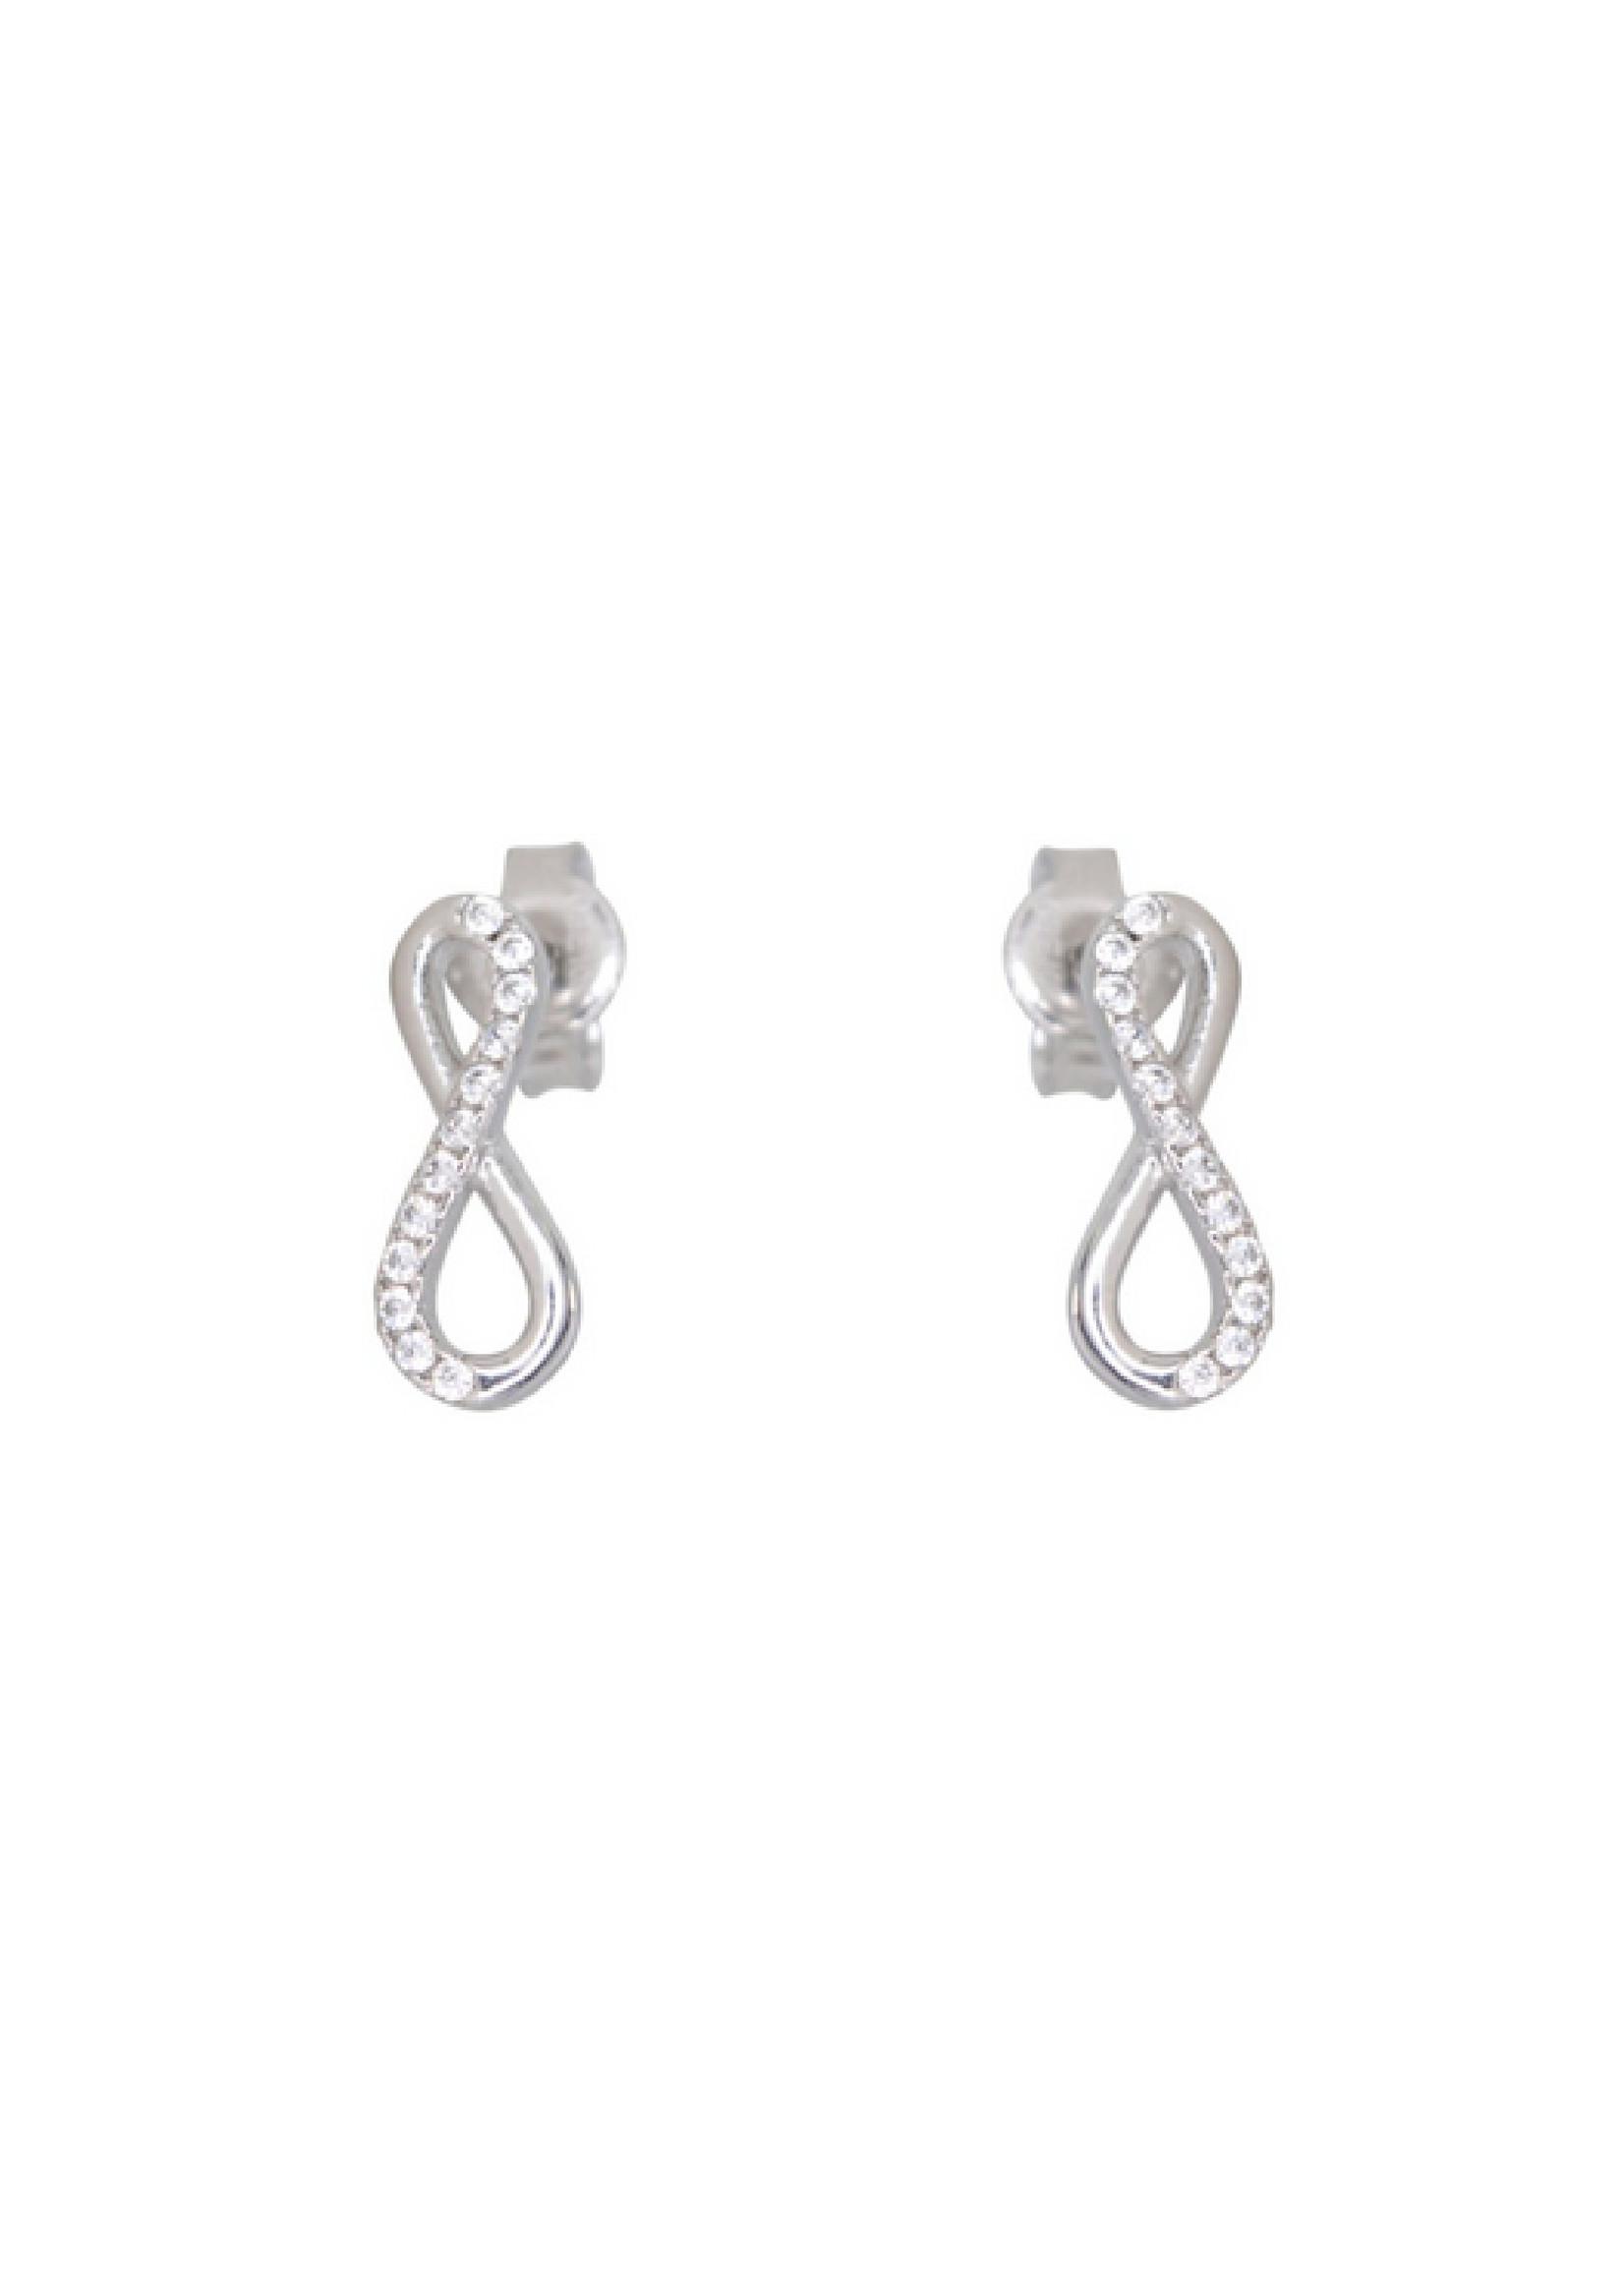 Boucles d'oreilles Infini Or blanc 10K